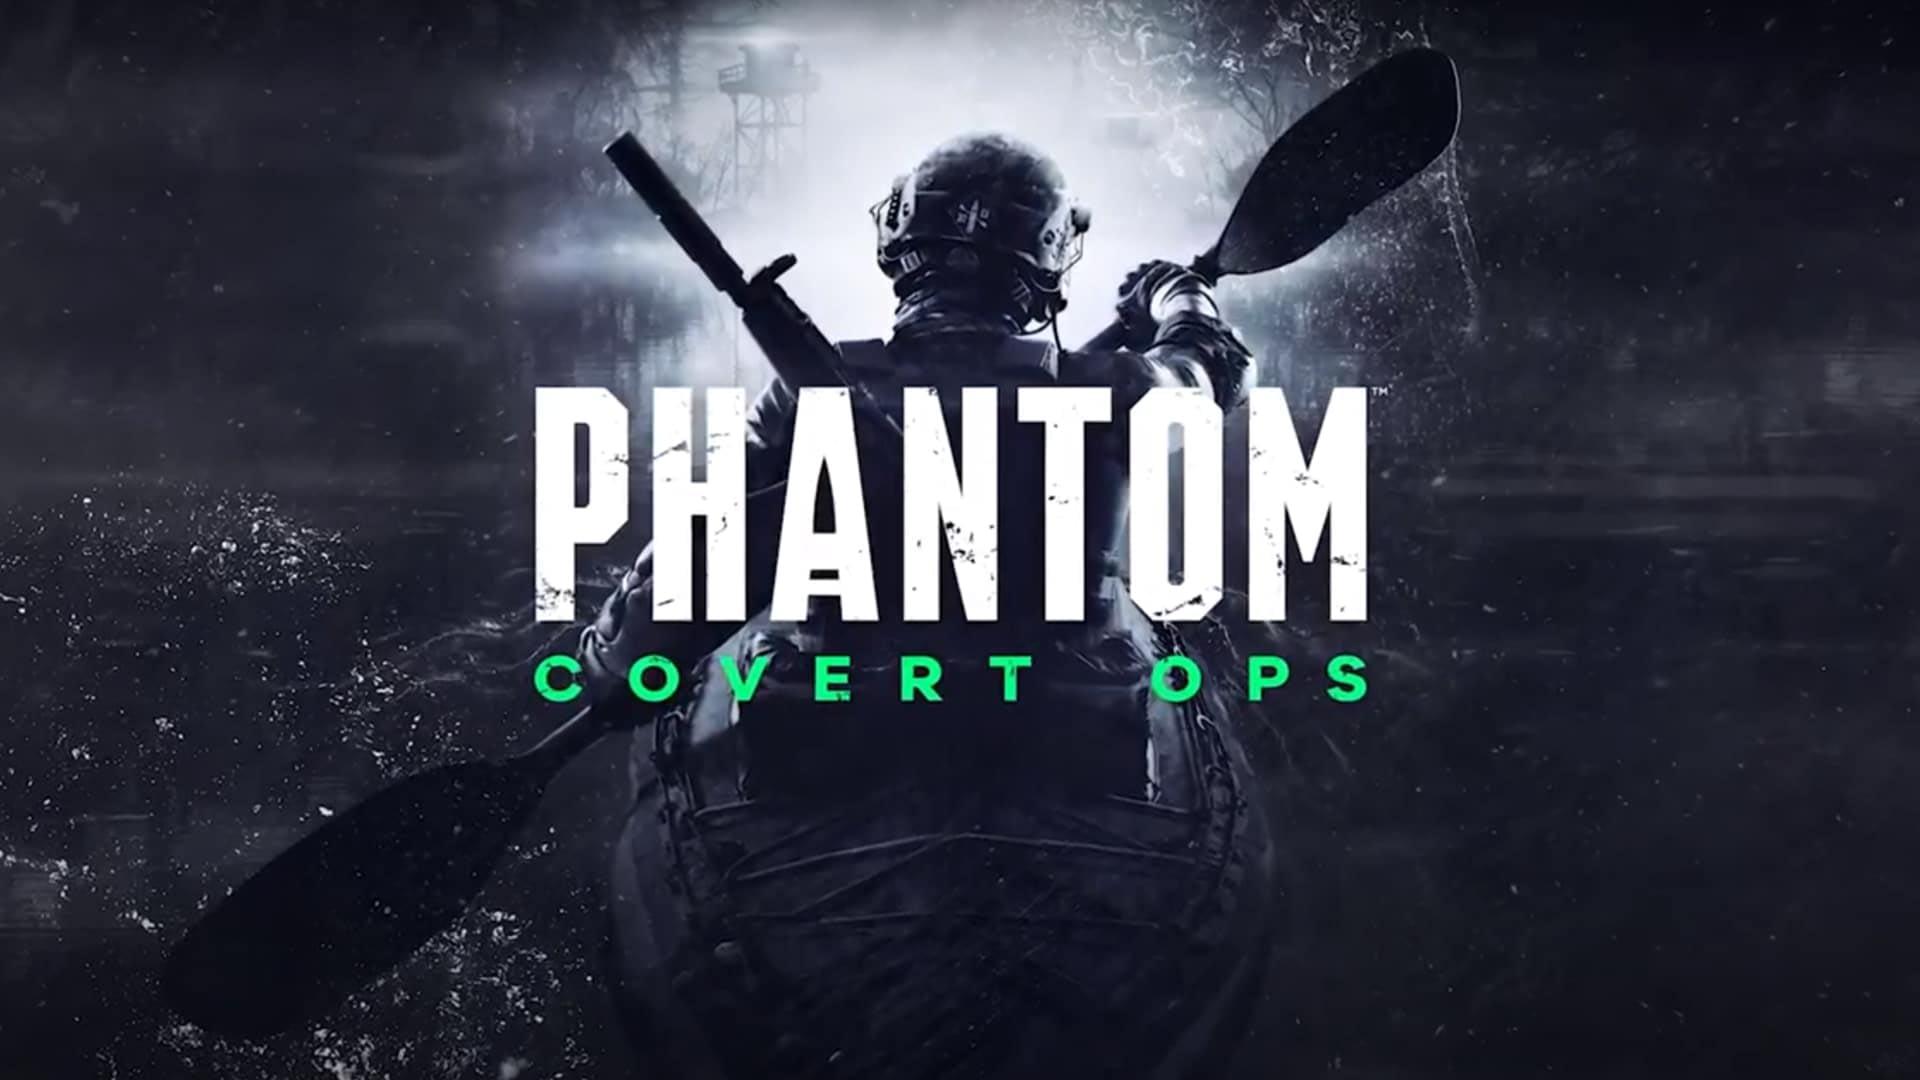 Phantom Covert Ops